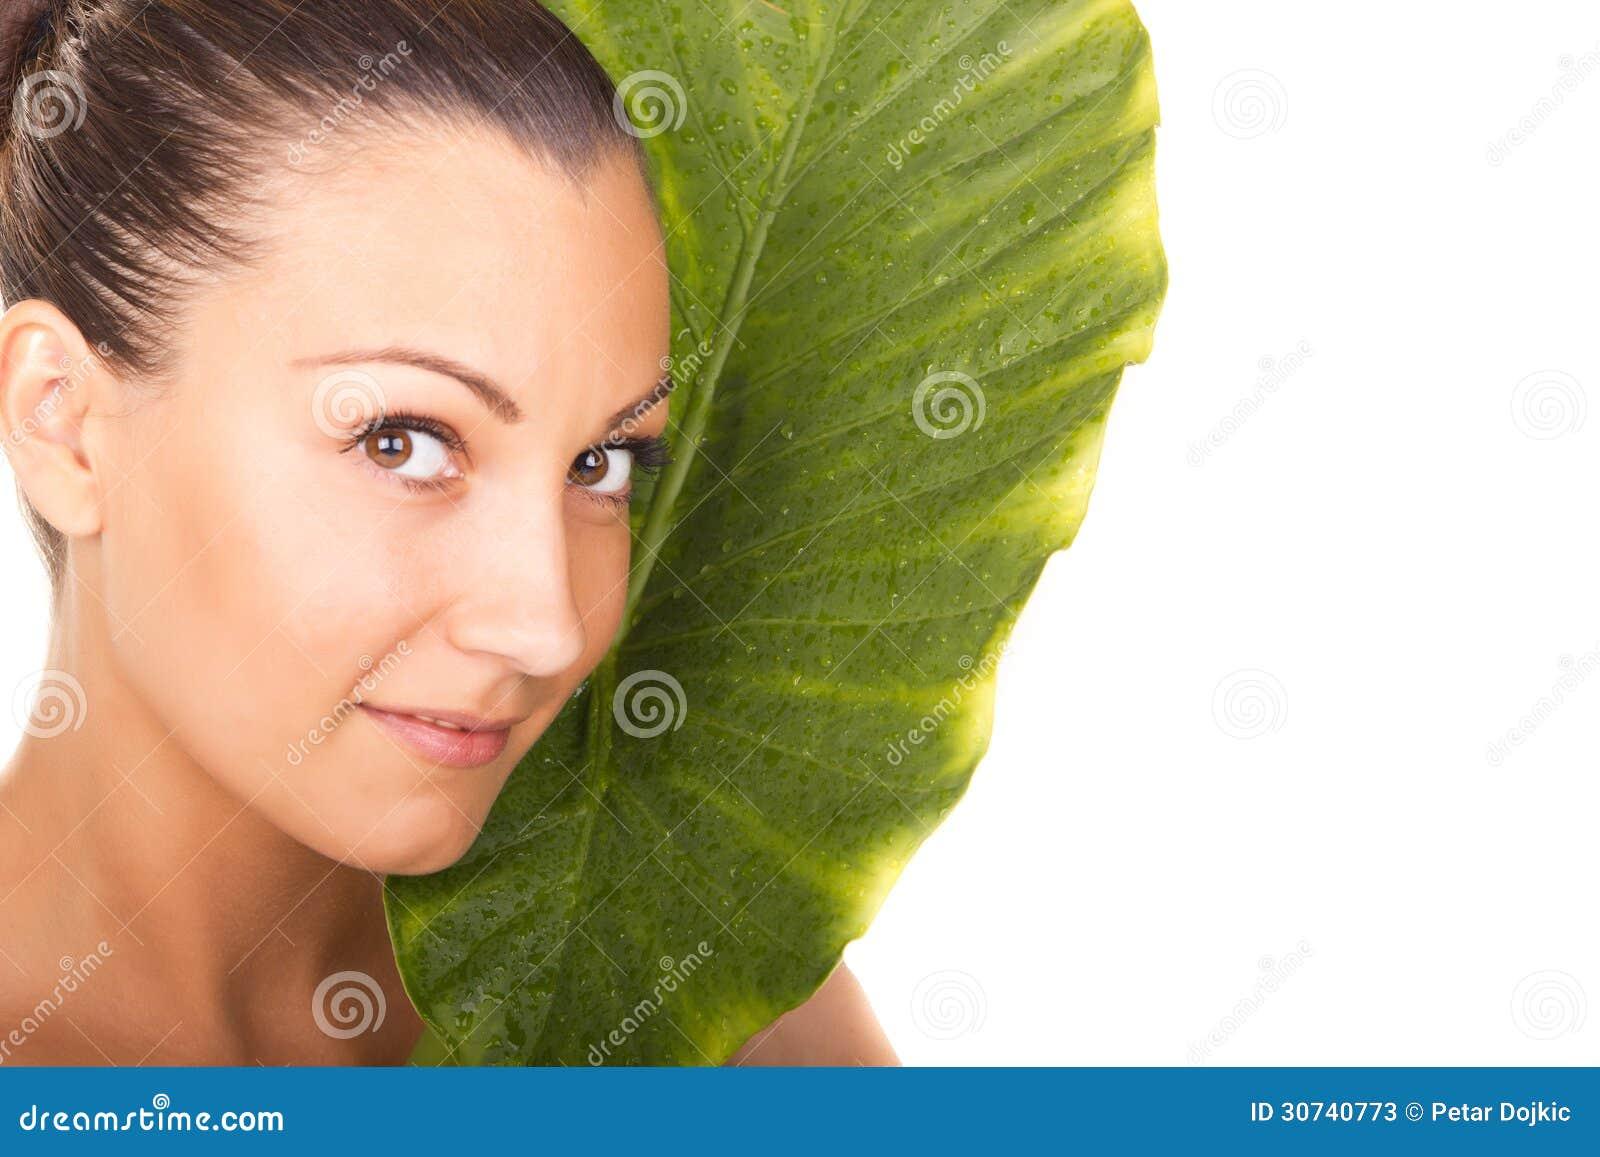 Piękny kobiety zbliżenia twarzy portret z zielonym liściem